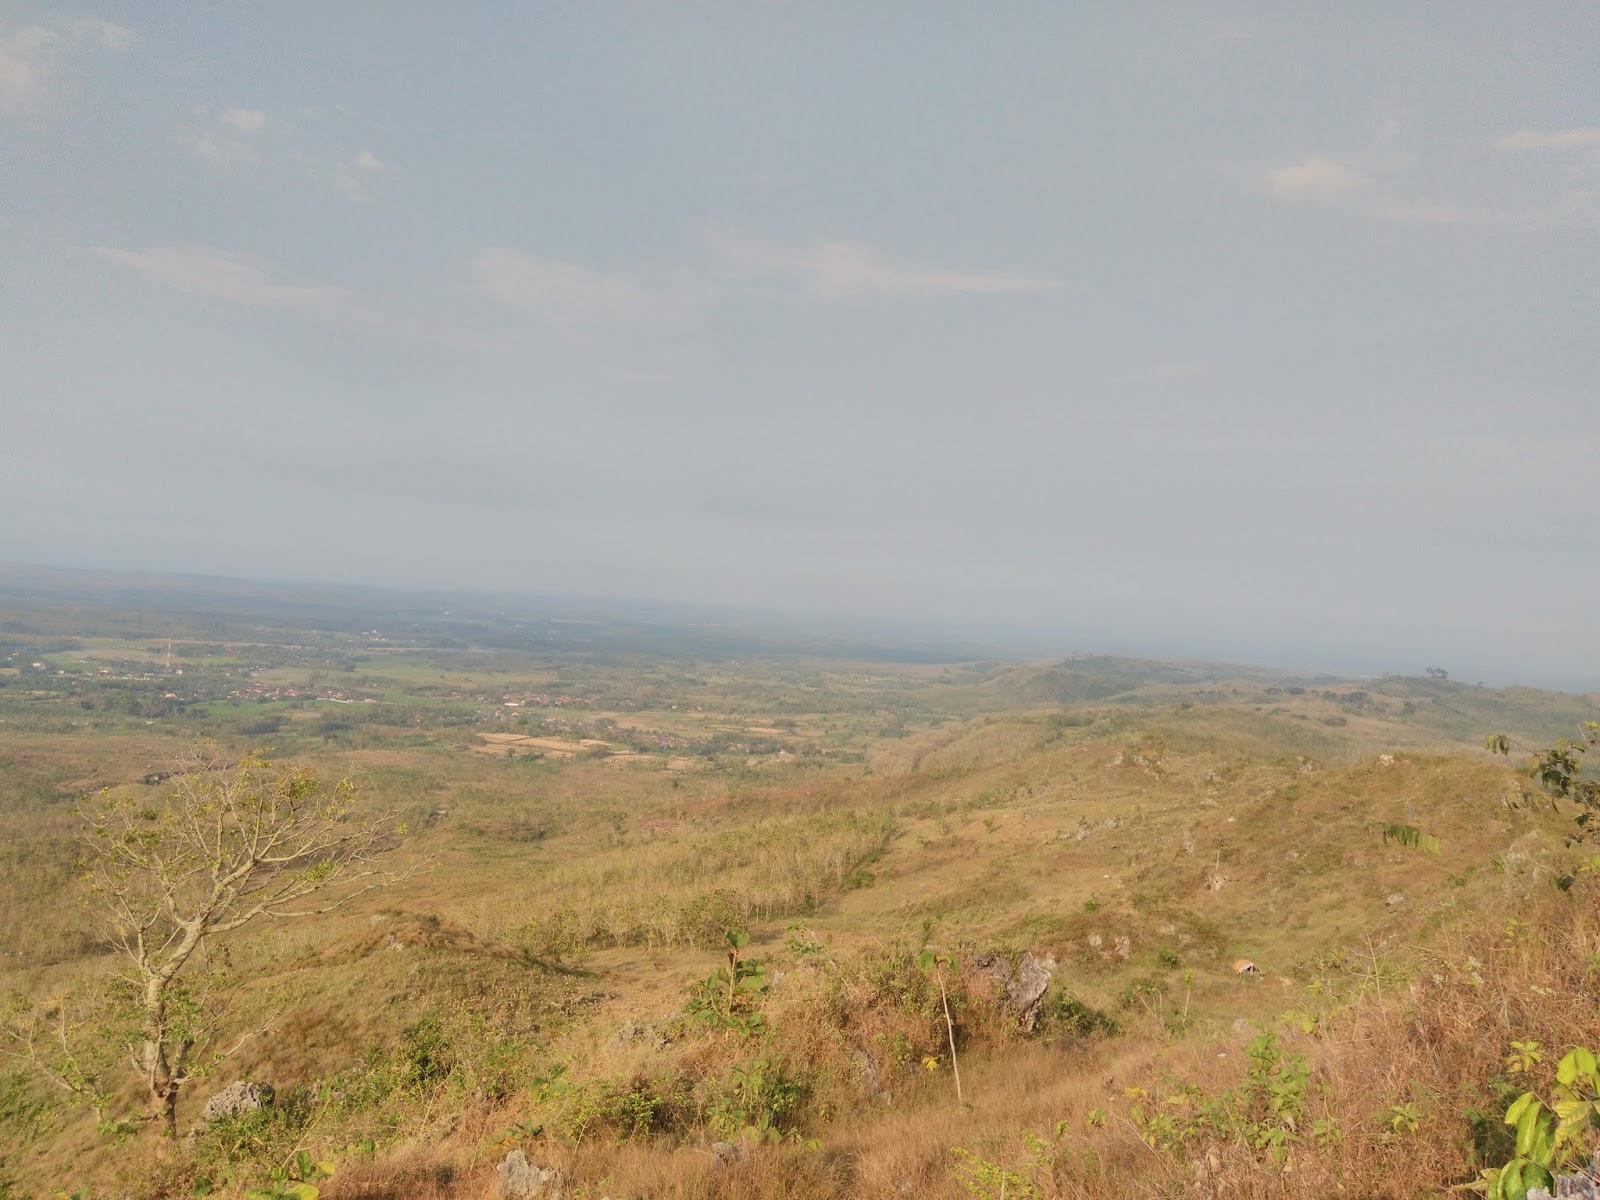 Daftar Objek Wisata Kabupaten Blora Tengah Naik Daun Updates Taman